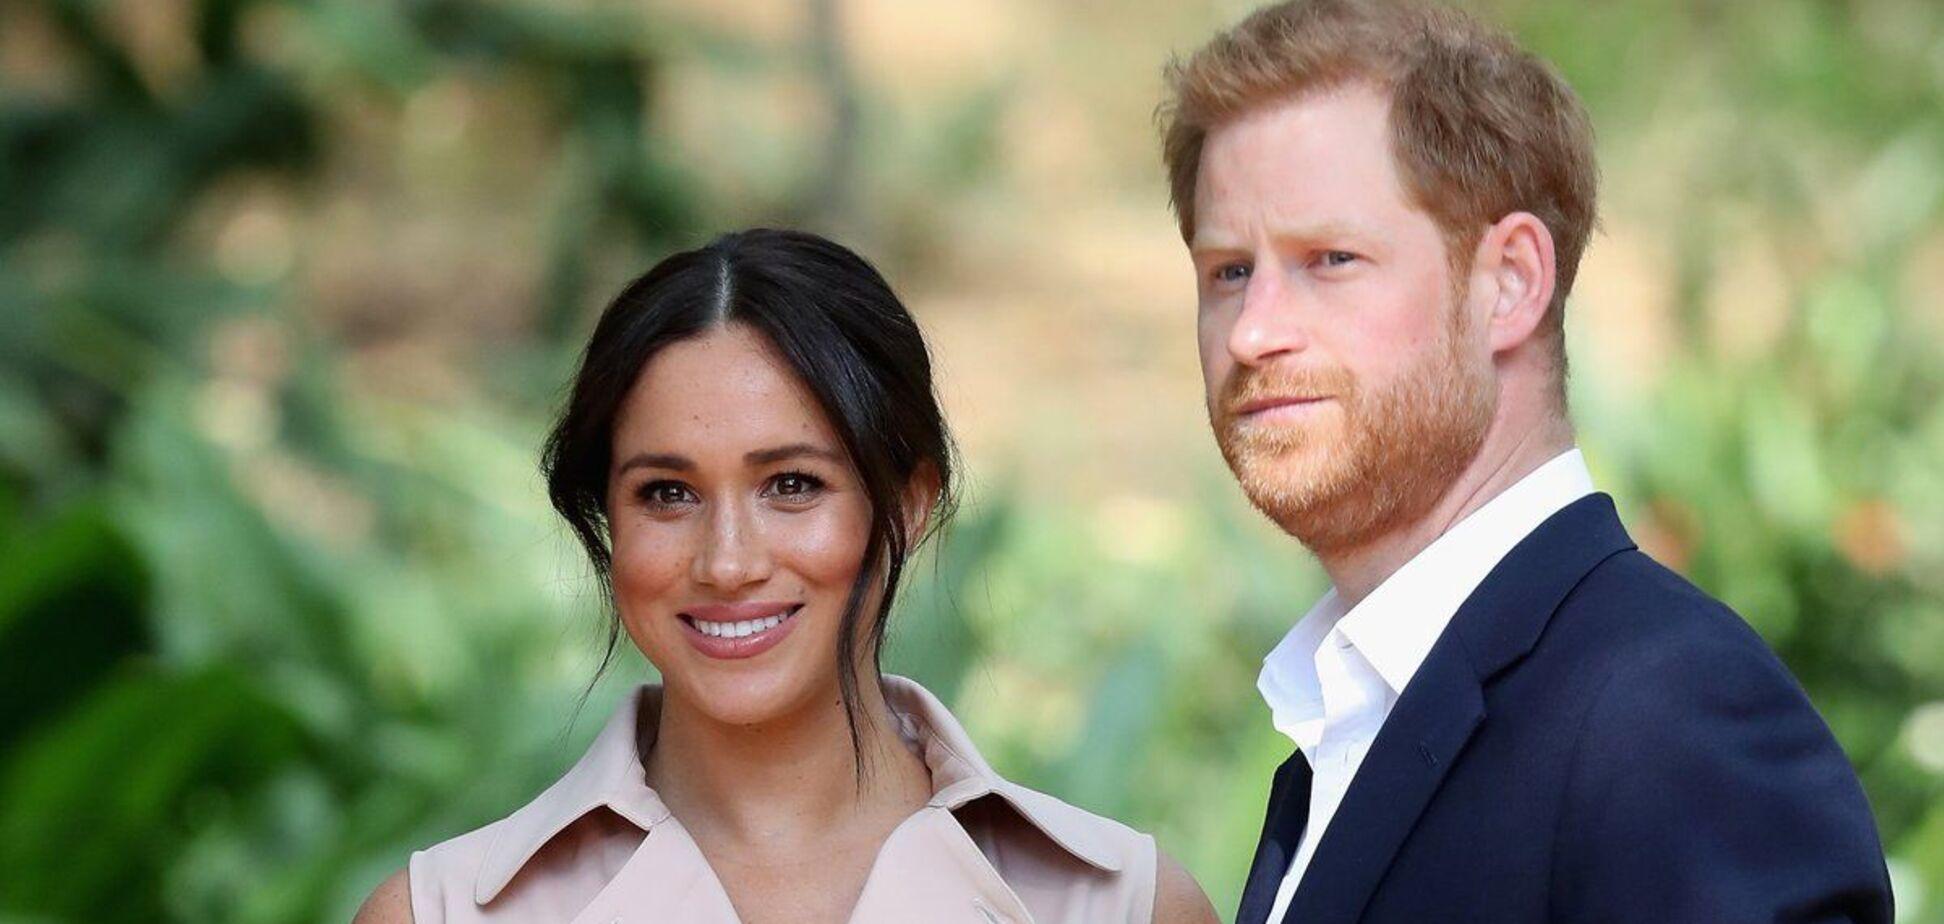 Меган Маркл и принцу Гарри сделали новый официальный портрет